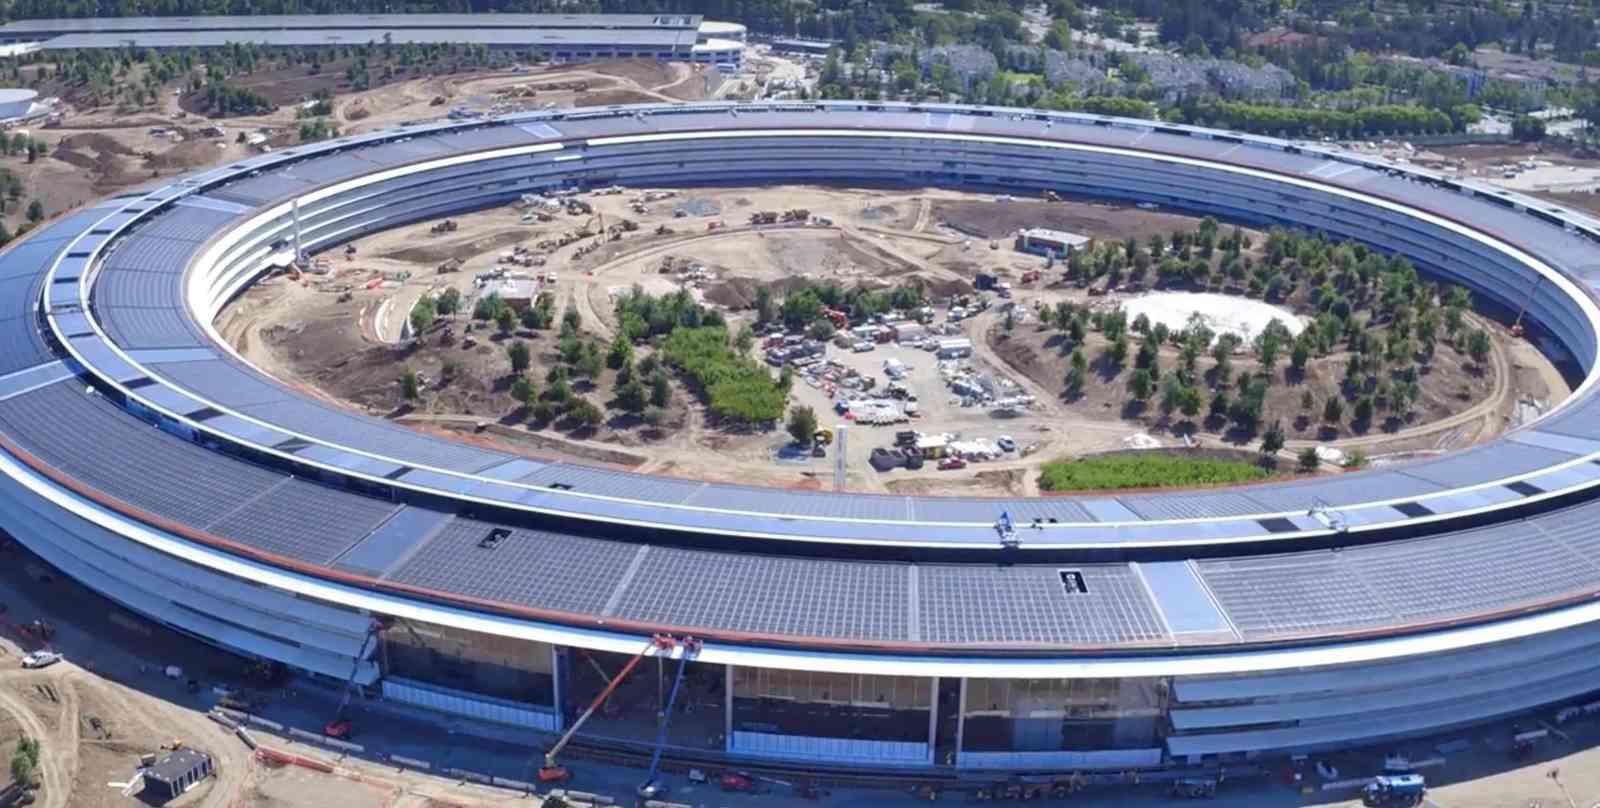 Відео: як нова штаб-квартира Apple виглядає за кілька місяців до завершення